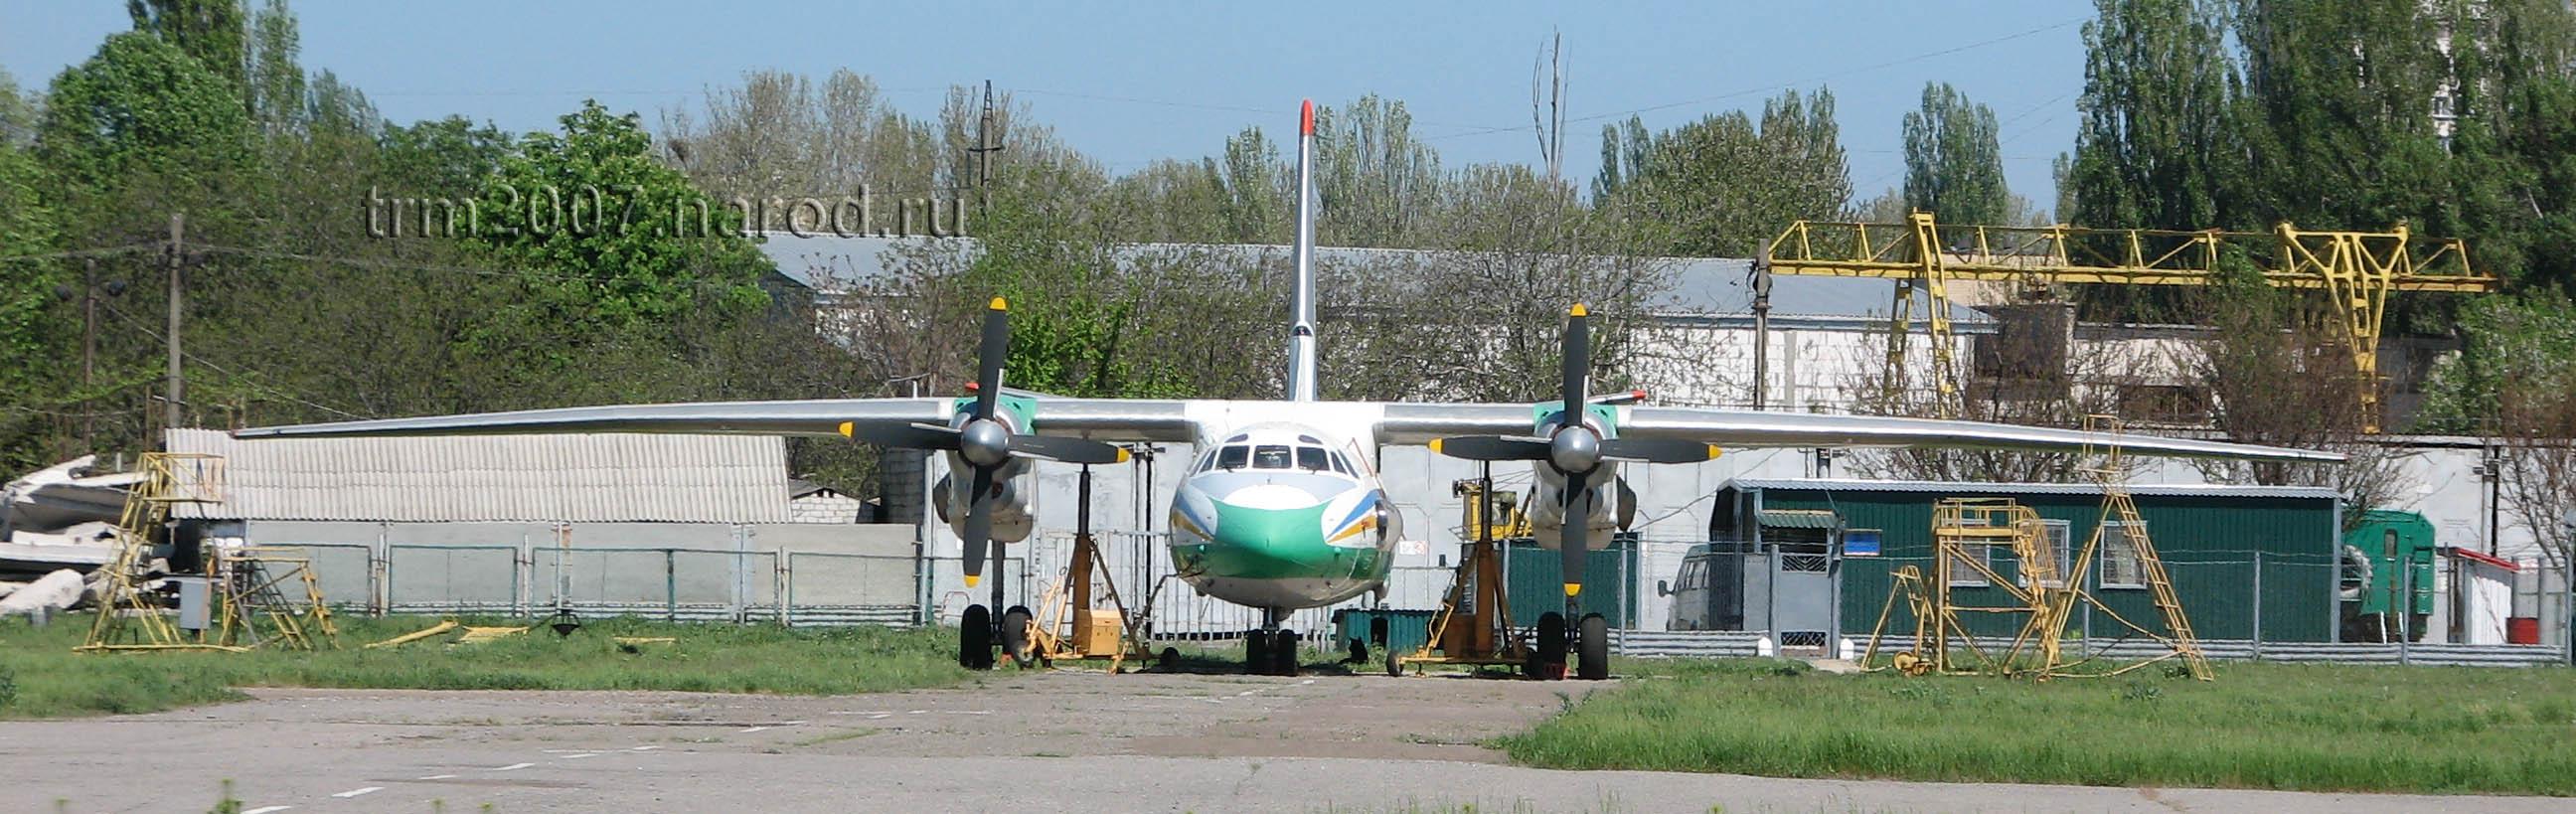 АН-24 проходит техобслуживание